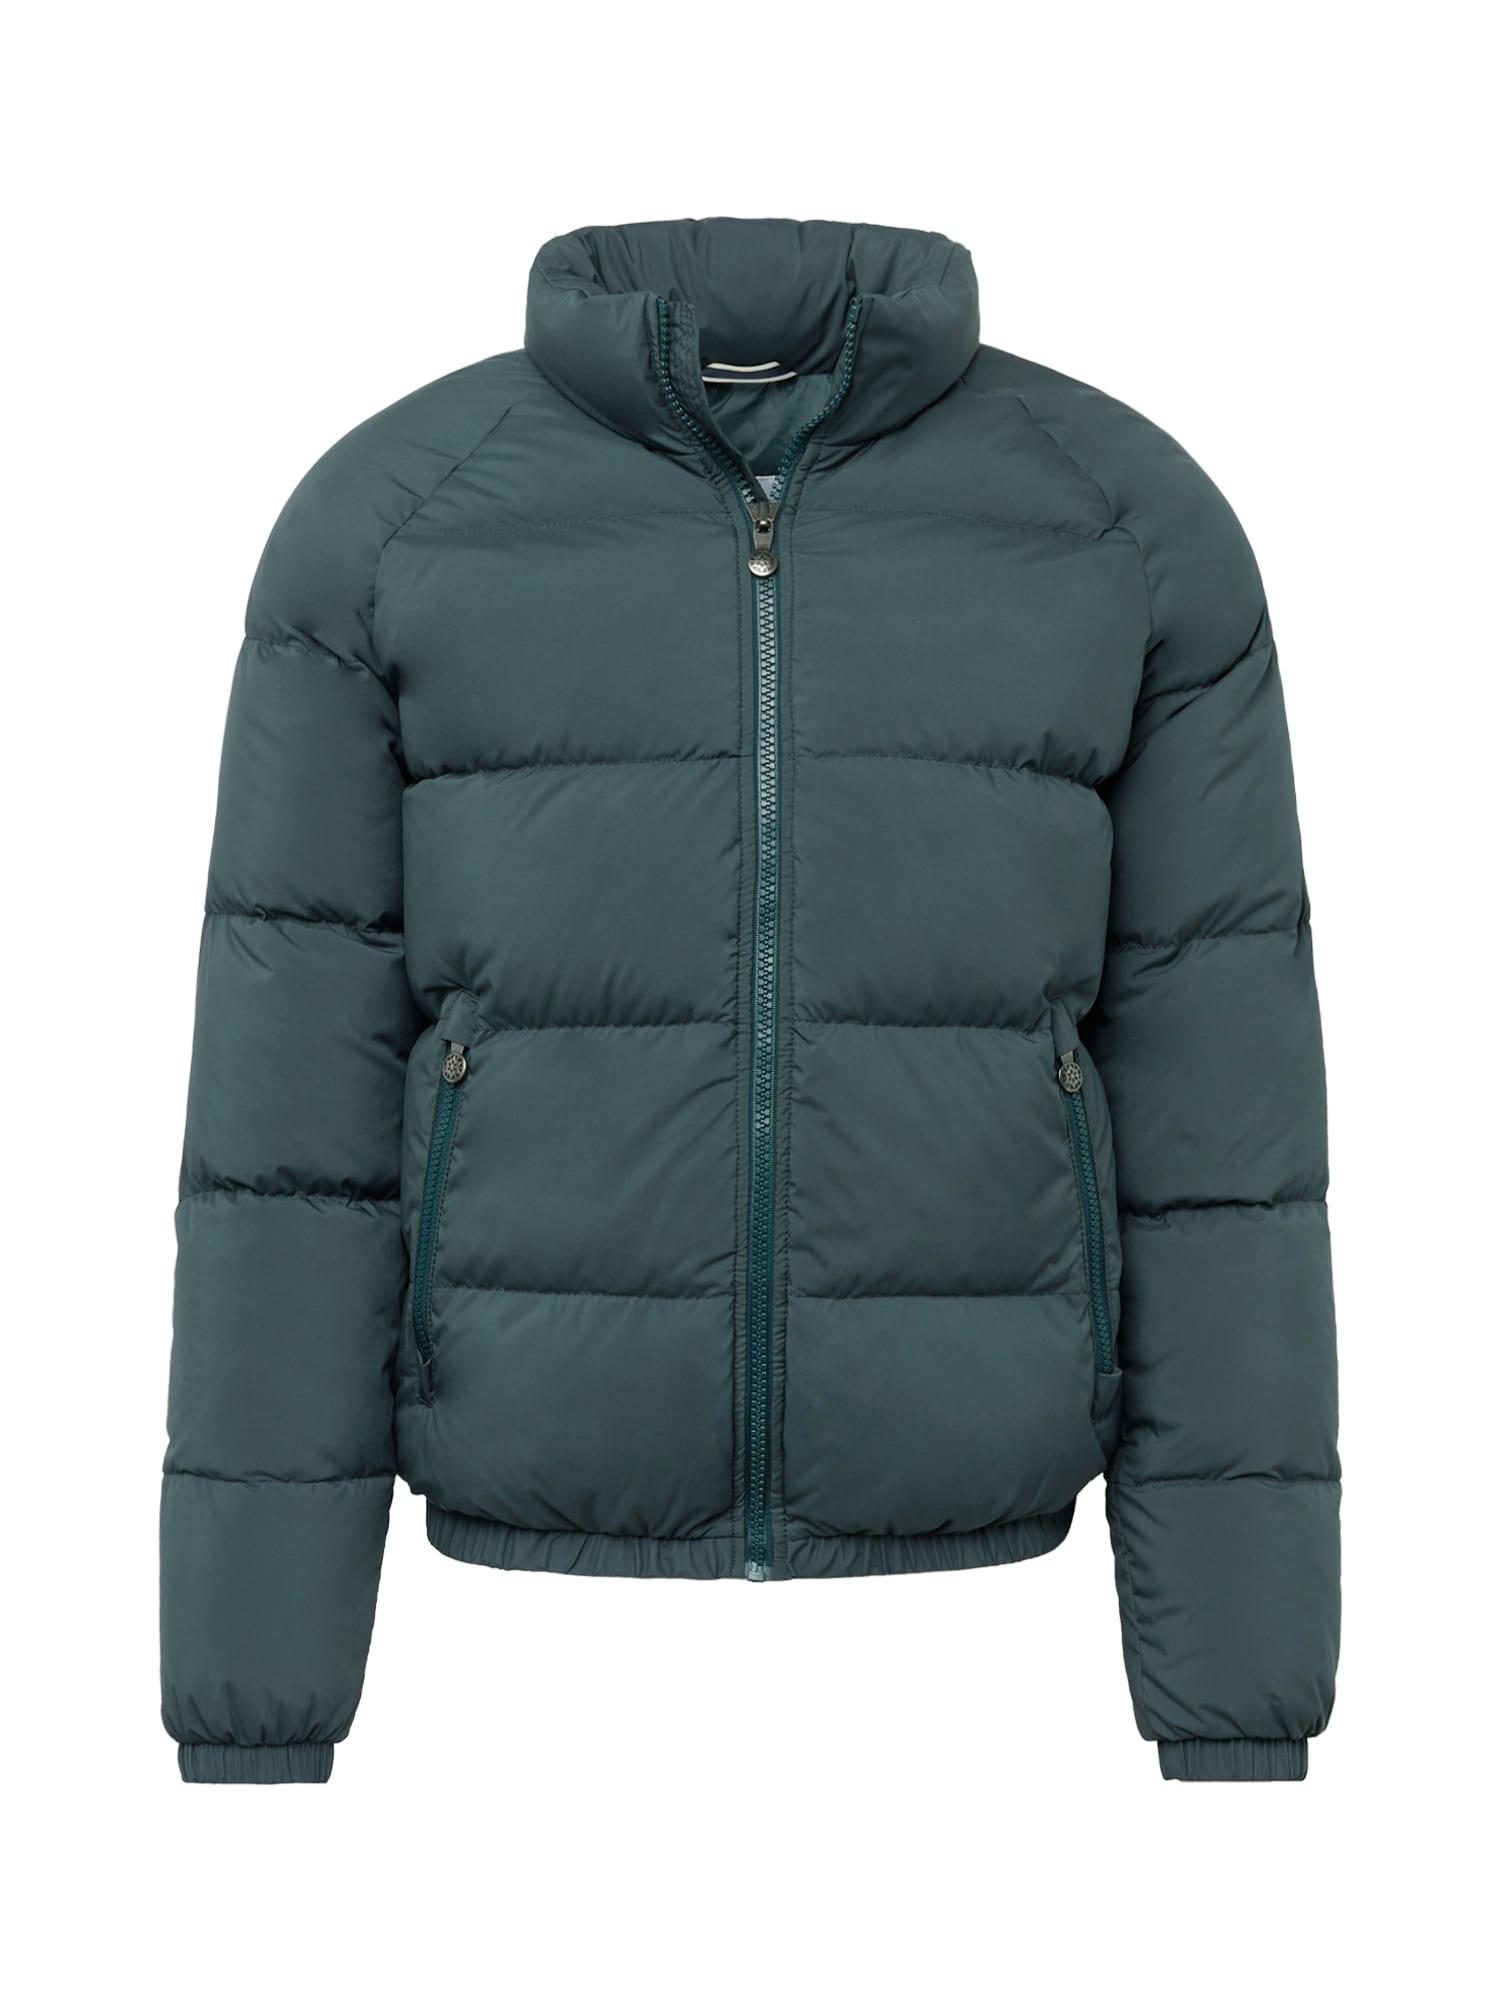 PYRENEX Zimní bunda 'VINTAGE'  tmavě zelená